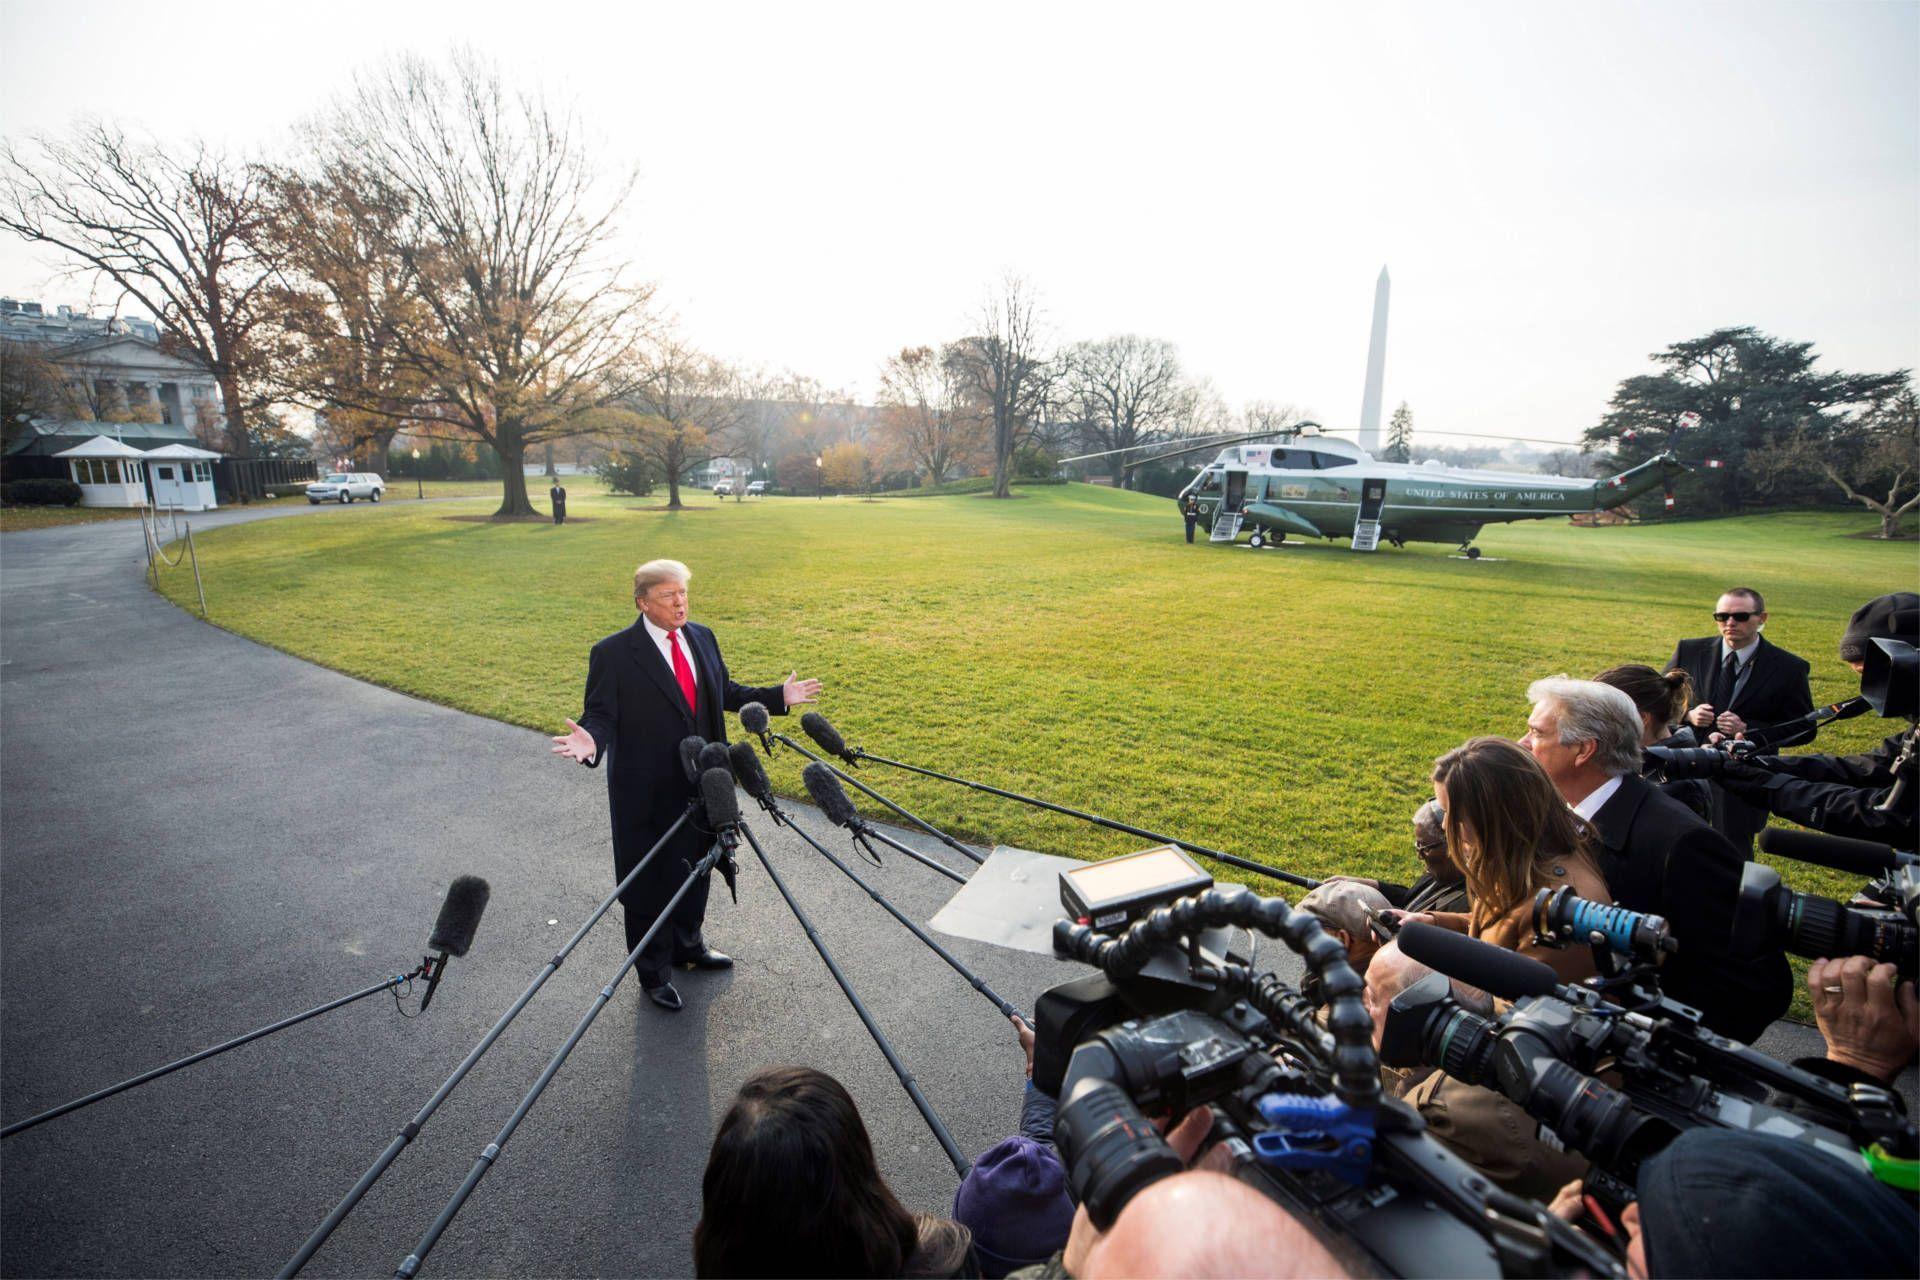 El presidente de EEUU, Donald Trump, pidió hoy el voto para Roy Moore, un candidato republicano al Senado por Alabama que ha sido acusado de abusar sexualmente de varias adolescentes hace unas cuatro décadas.